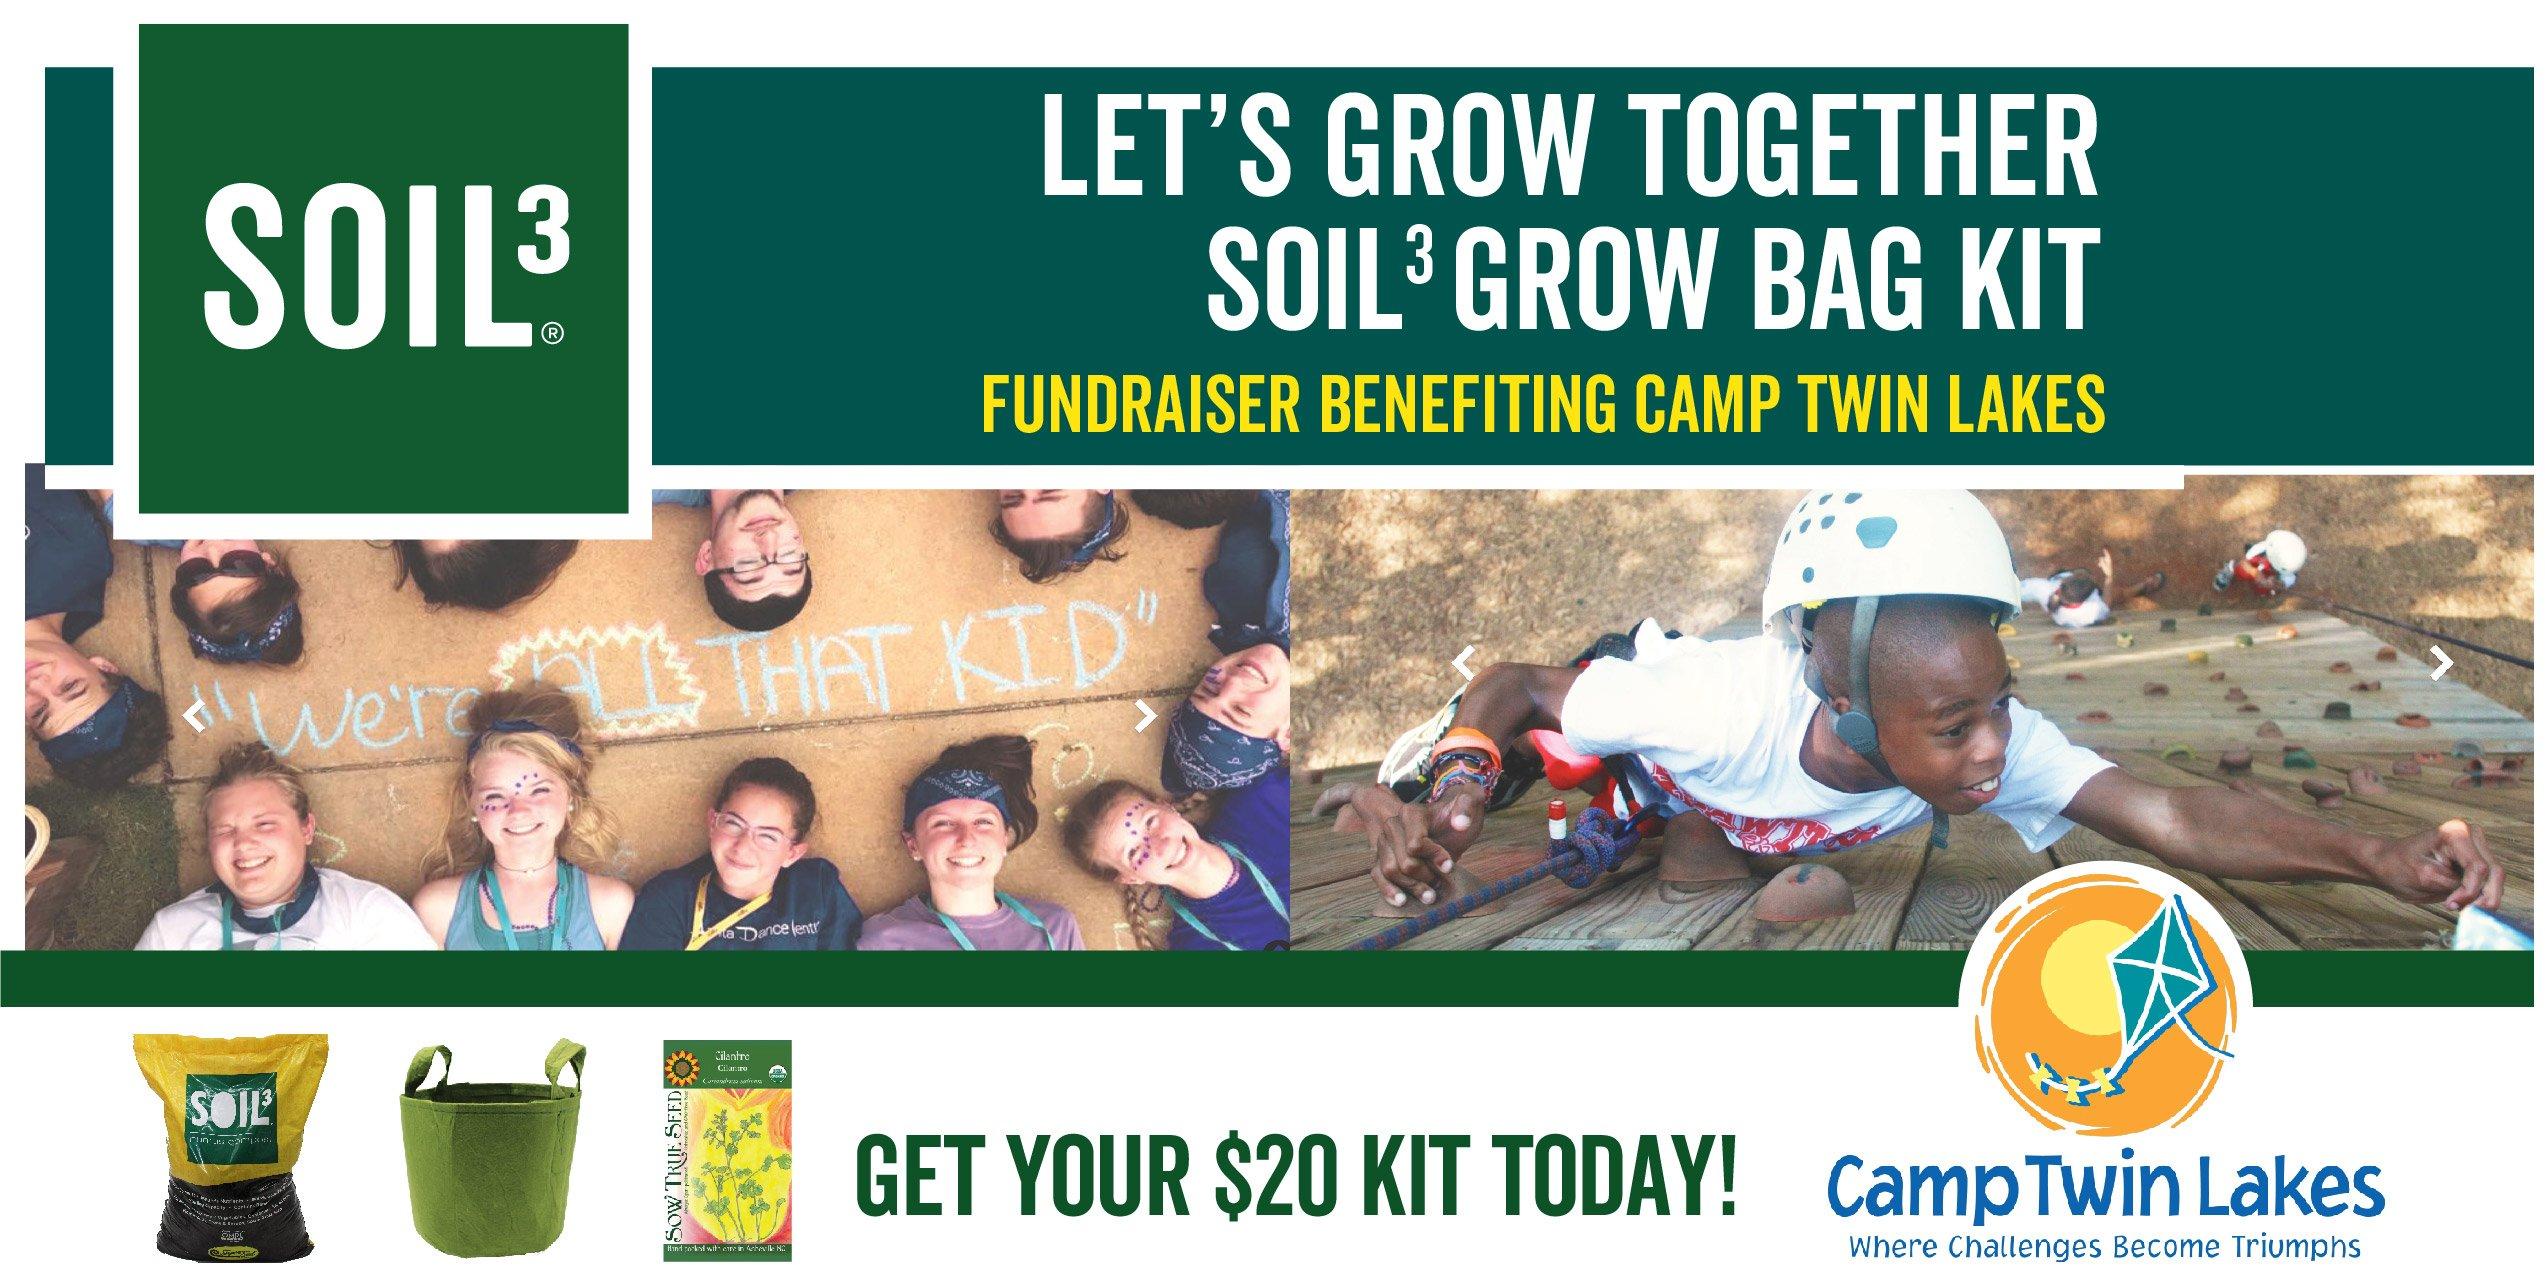 Let's Grow Together Soil3 Grow Bag Kit